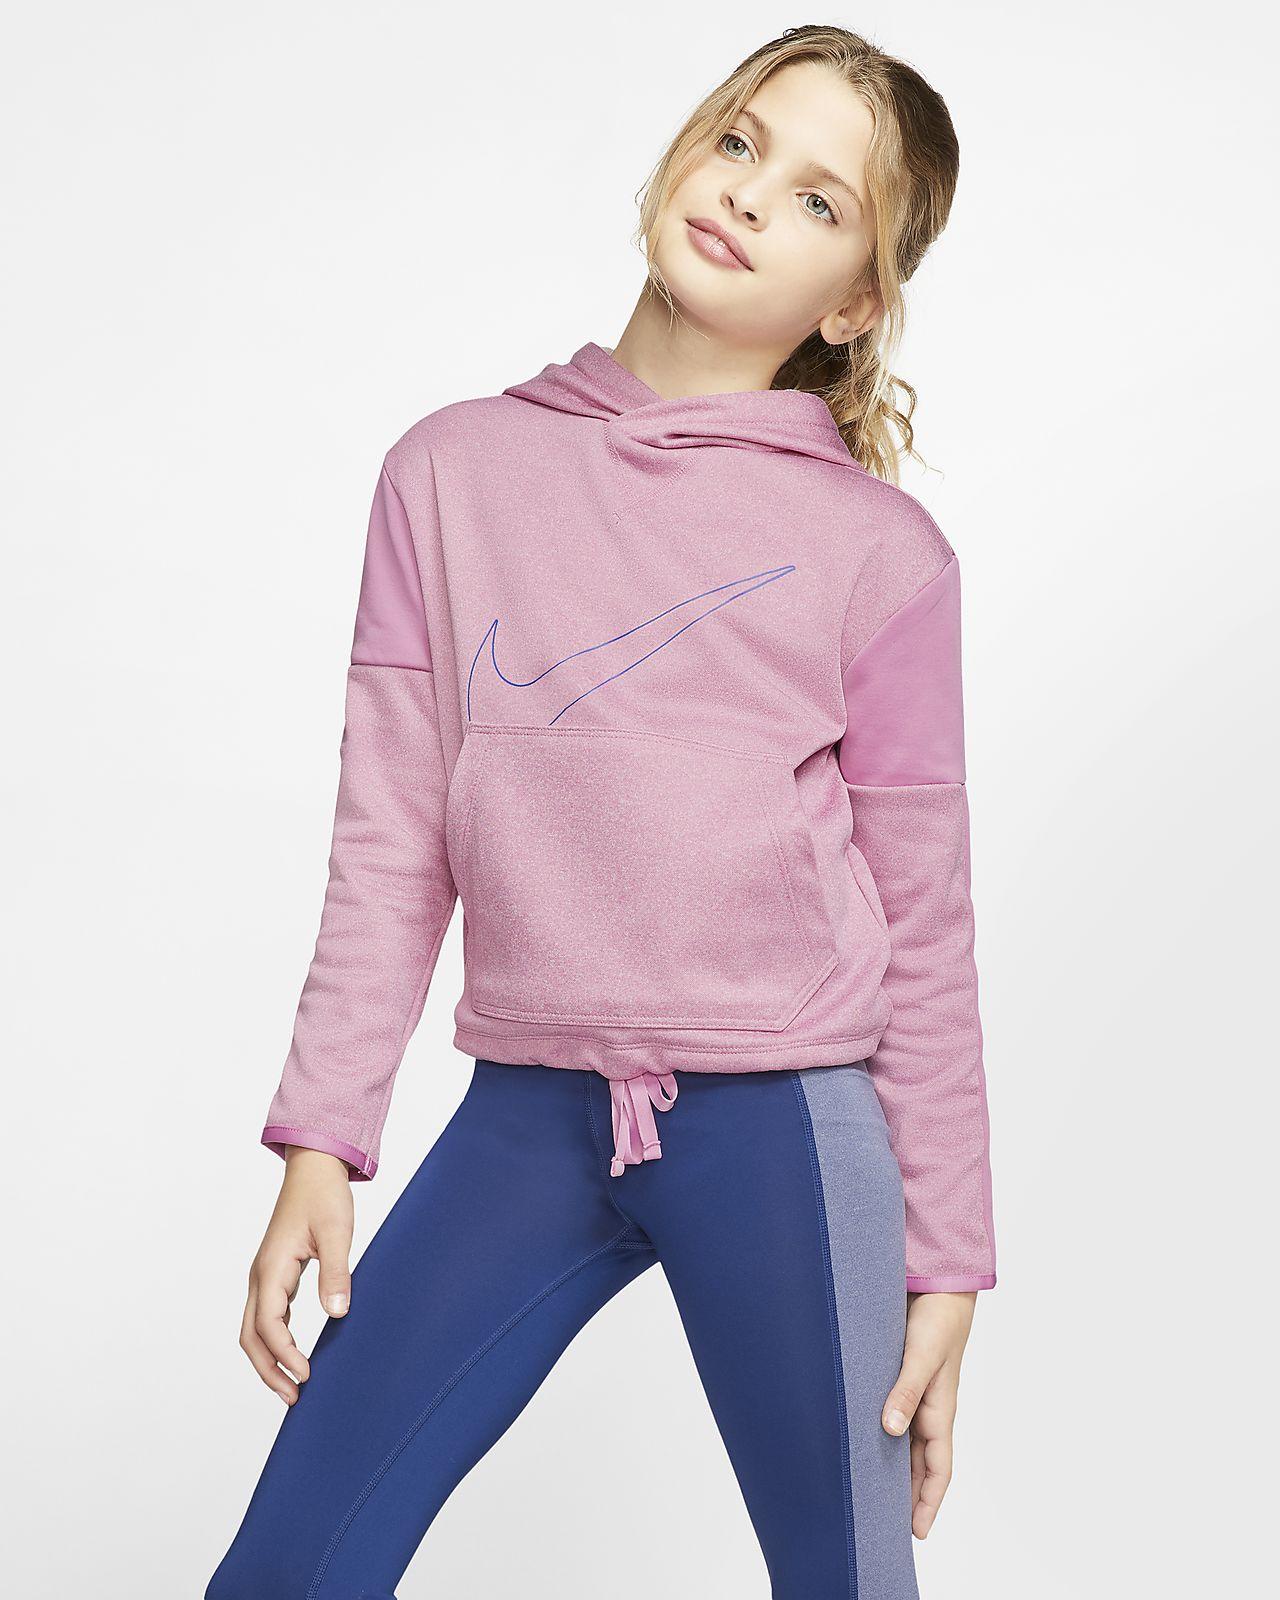 Felpa pullover da training con cappuccio e grafica Nike Therma - Bambina/Ragazza